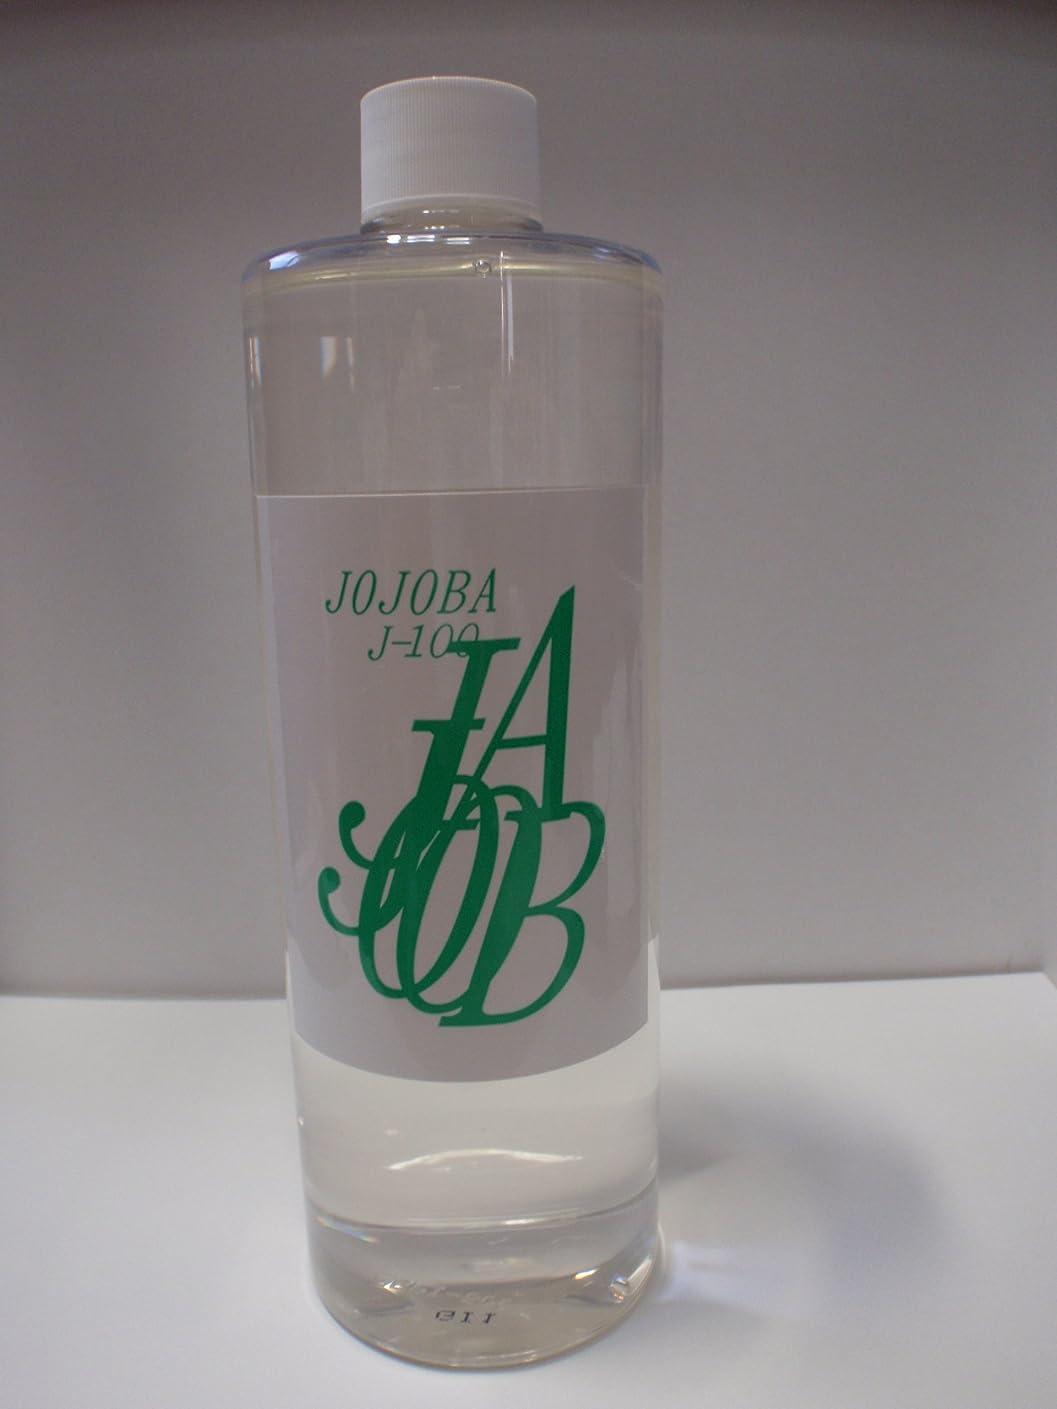 悲惨割り込み成熟したホホバJ-100 オーガニックホホバオイル (透明) (500ml)